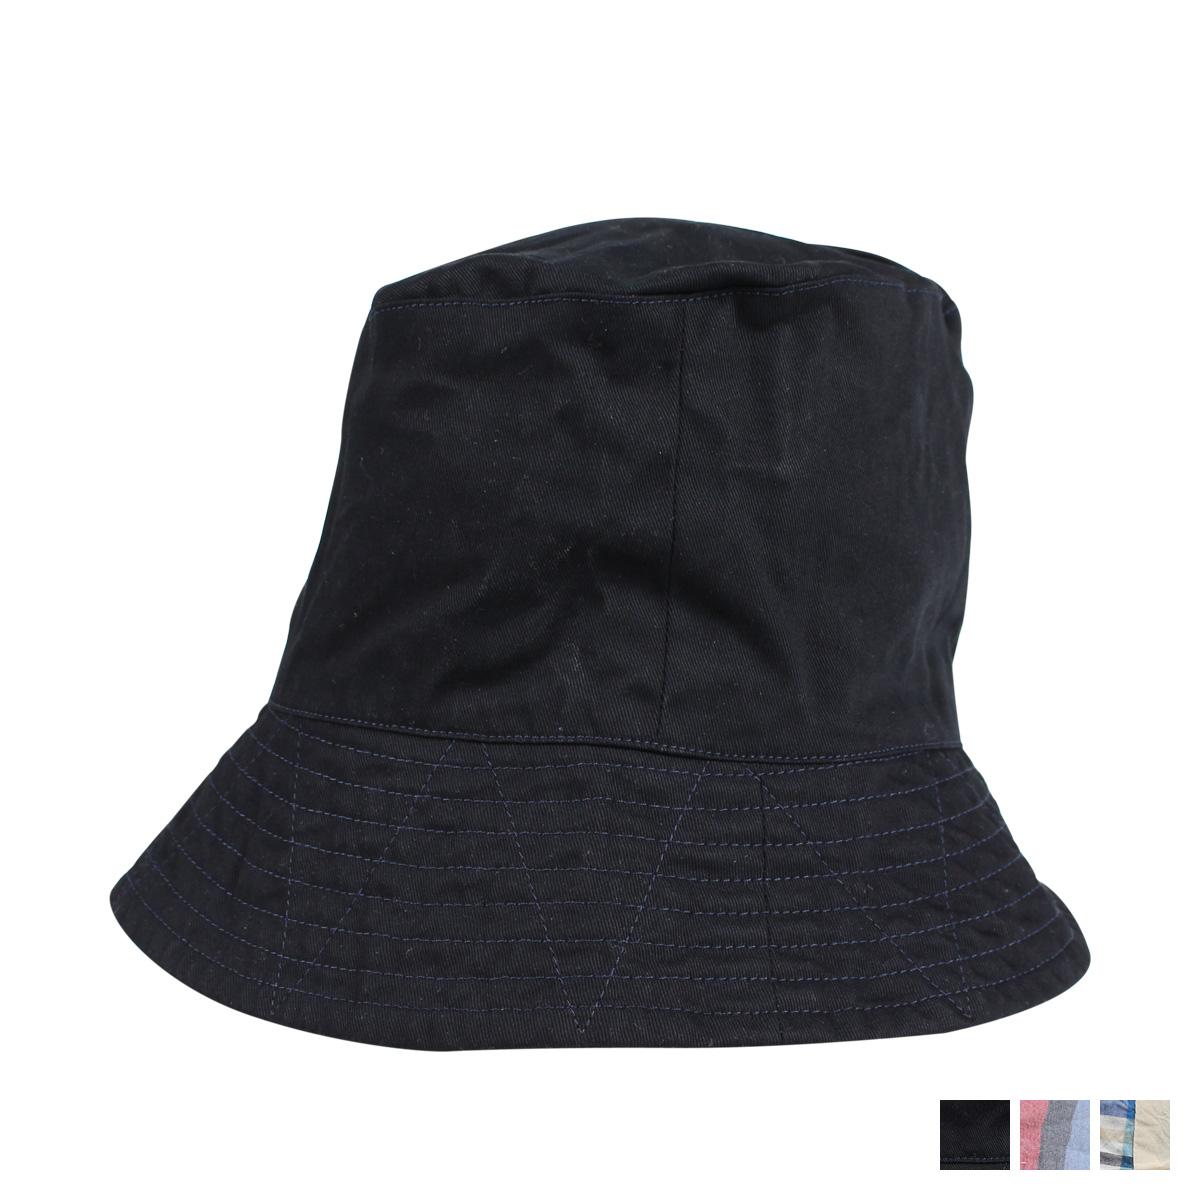 ENGINEERED GARMENTS BUCKET HAT エンジニアドガーメンツ ハット 帽子 バケットハット メンズ ブラック ネイビー カーキ 黒 19SH003A